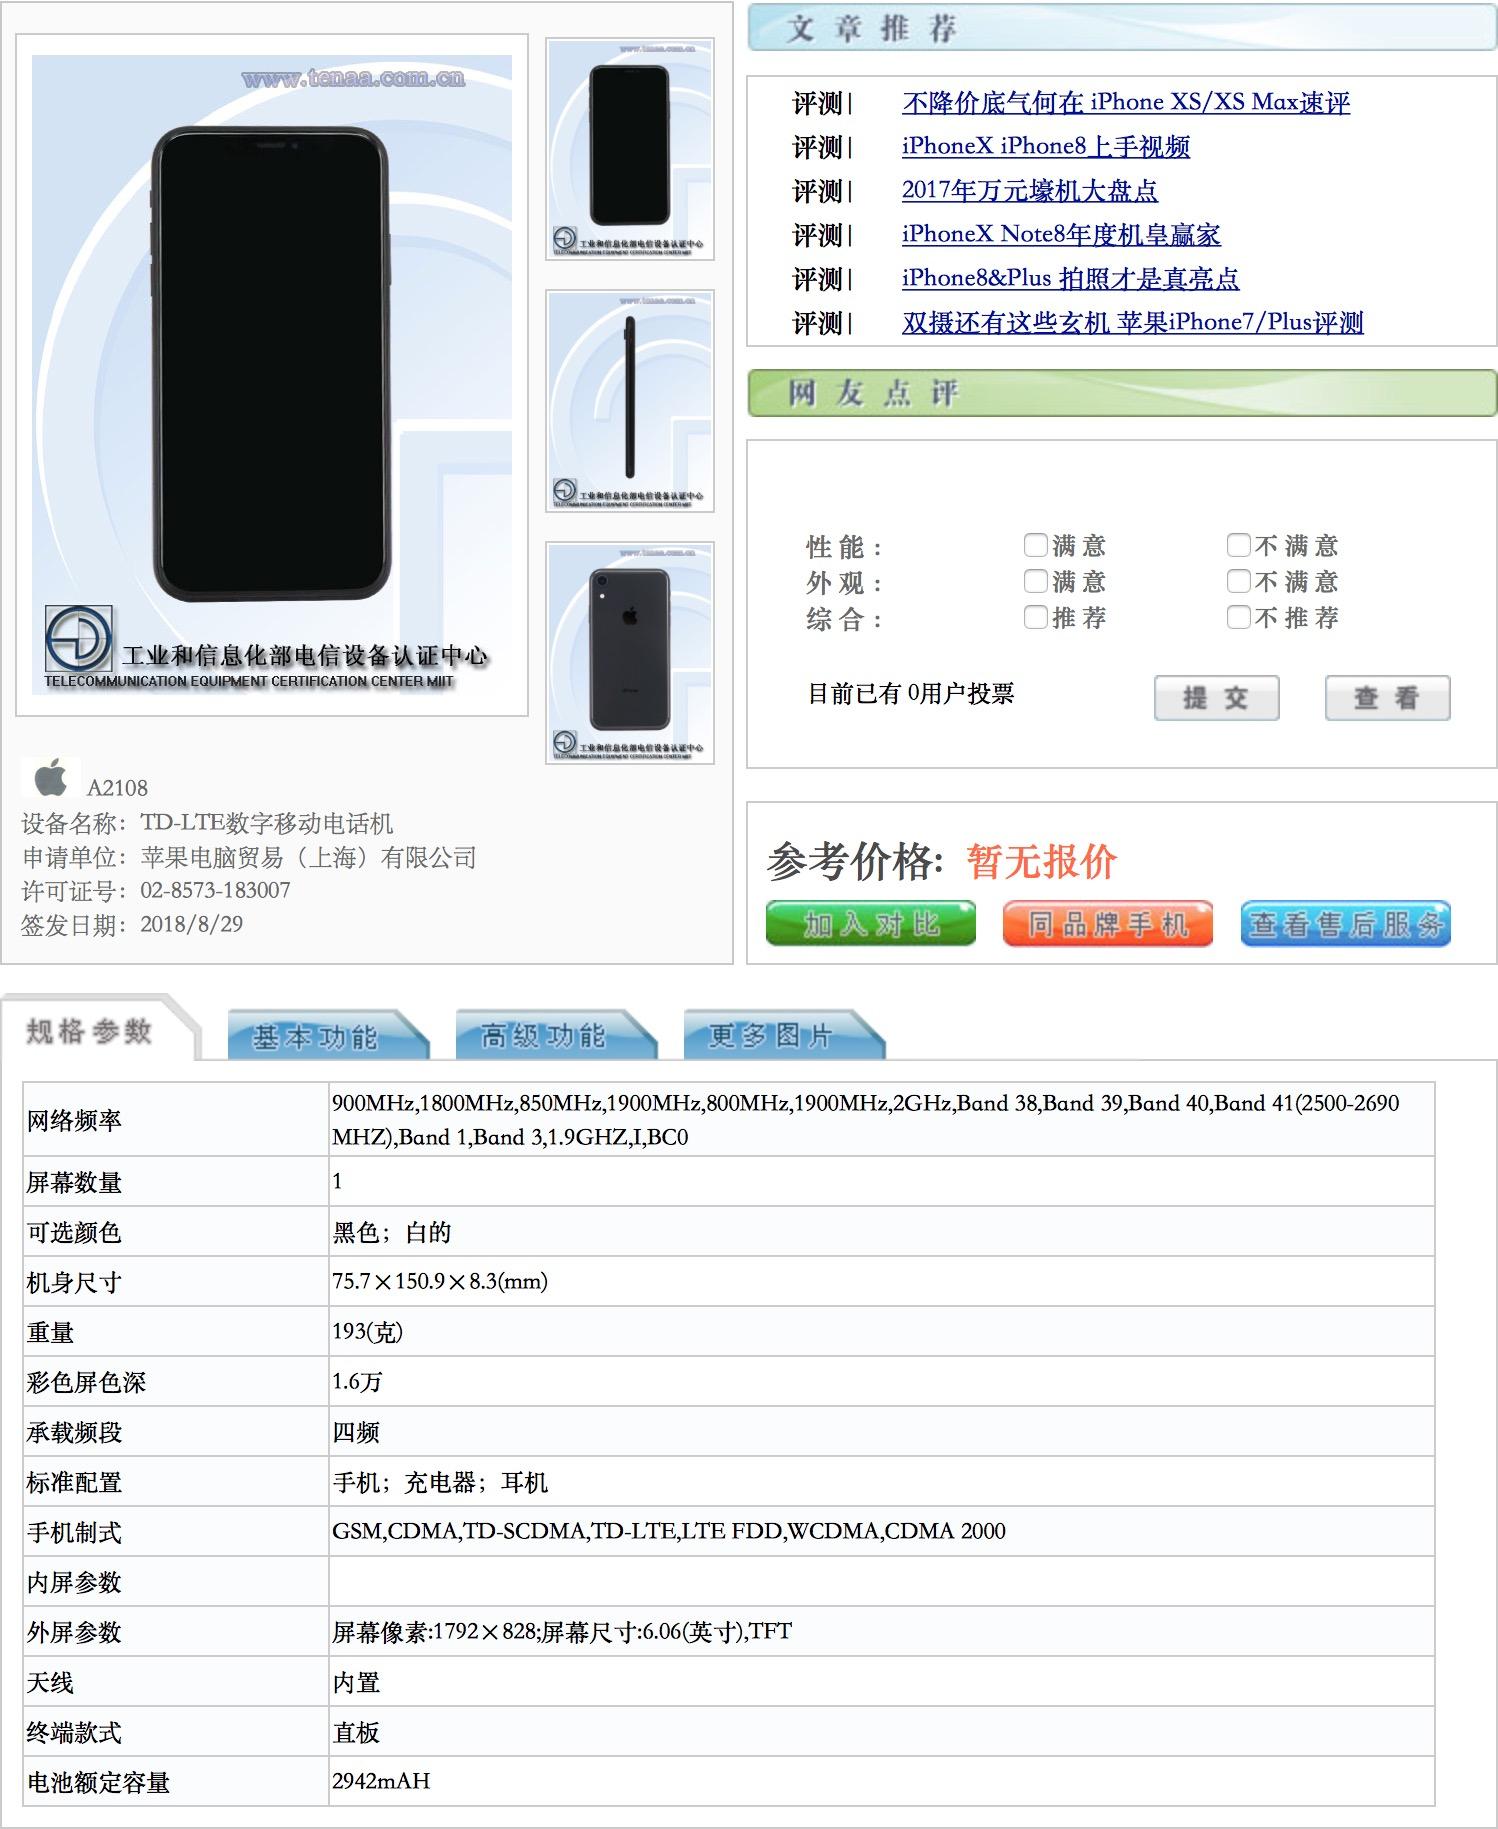 Especificações do iPhone XR